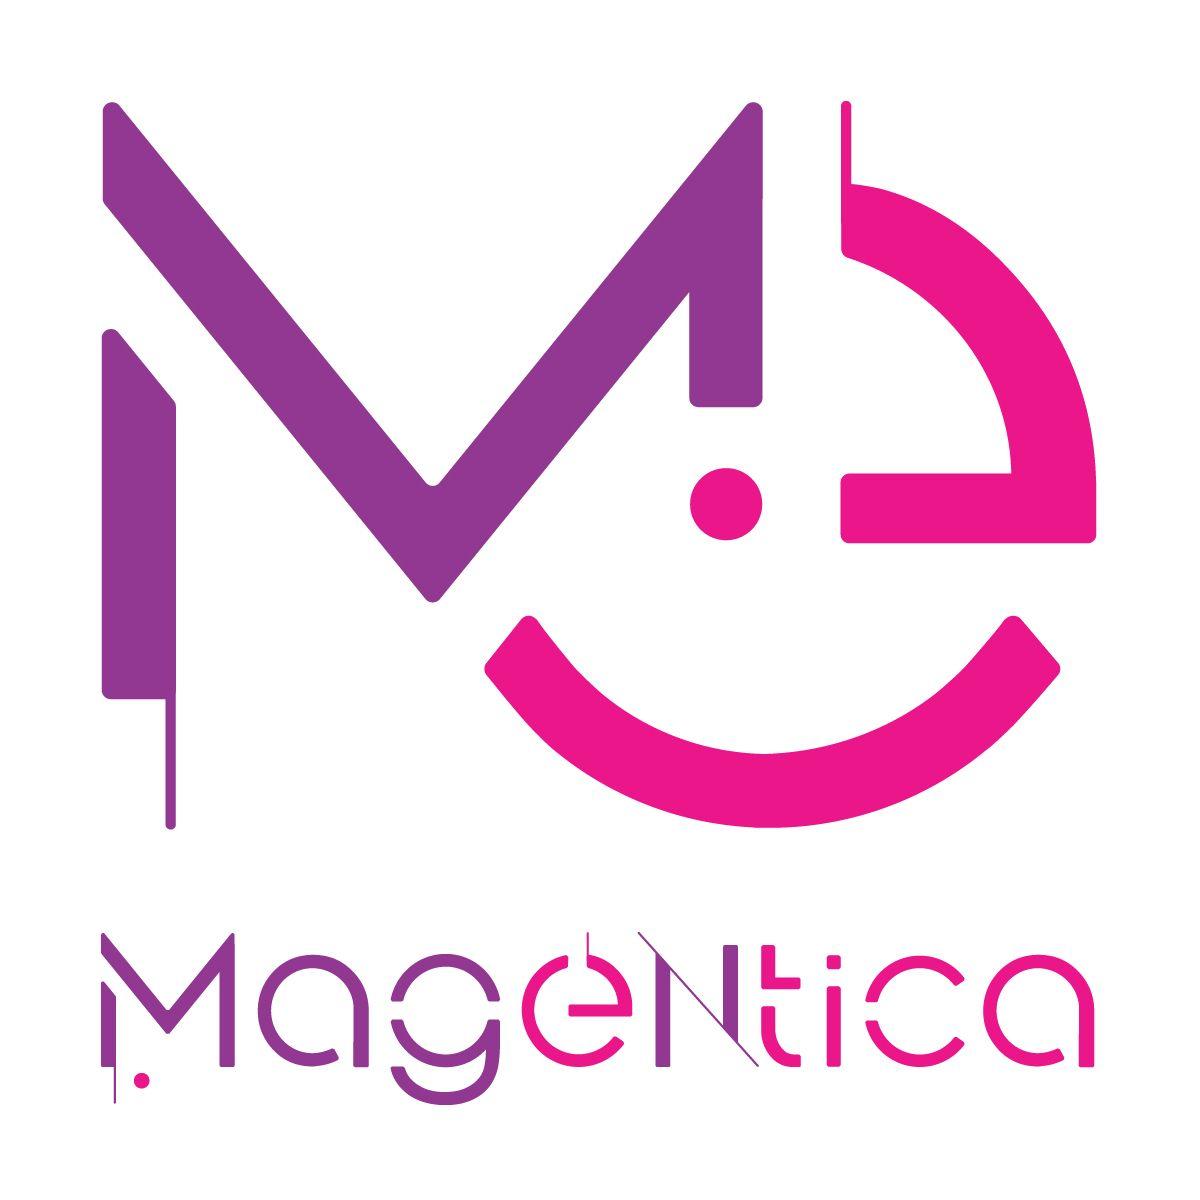 MAGENTICA